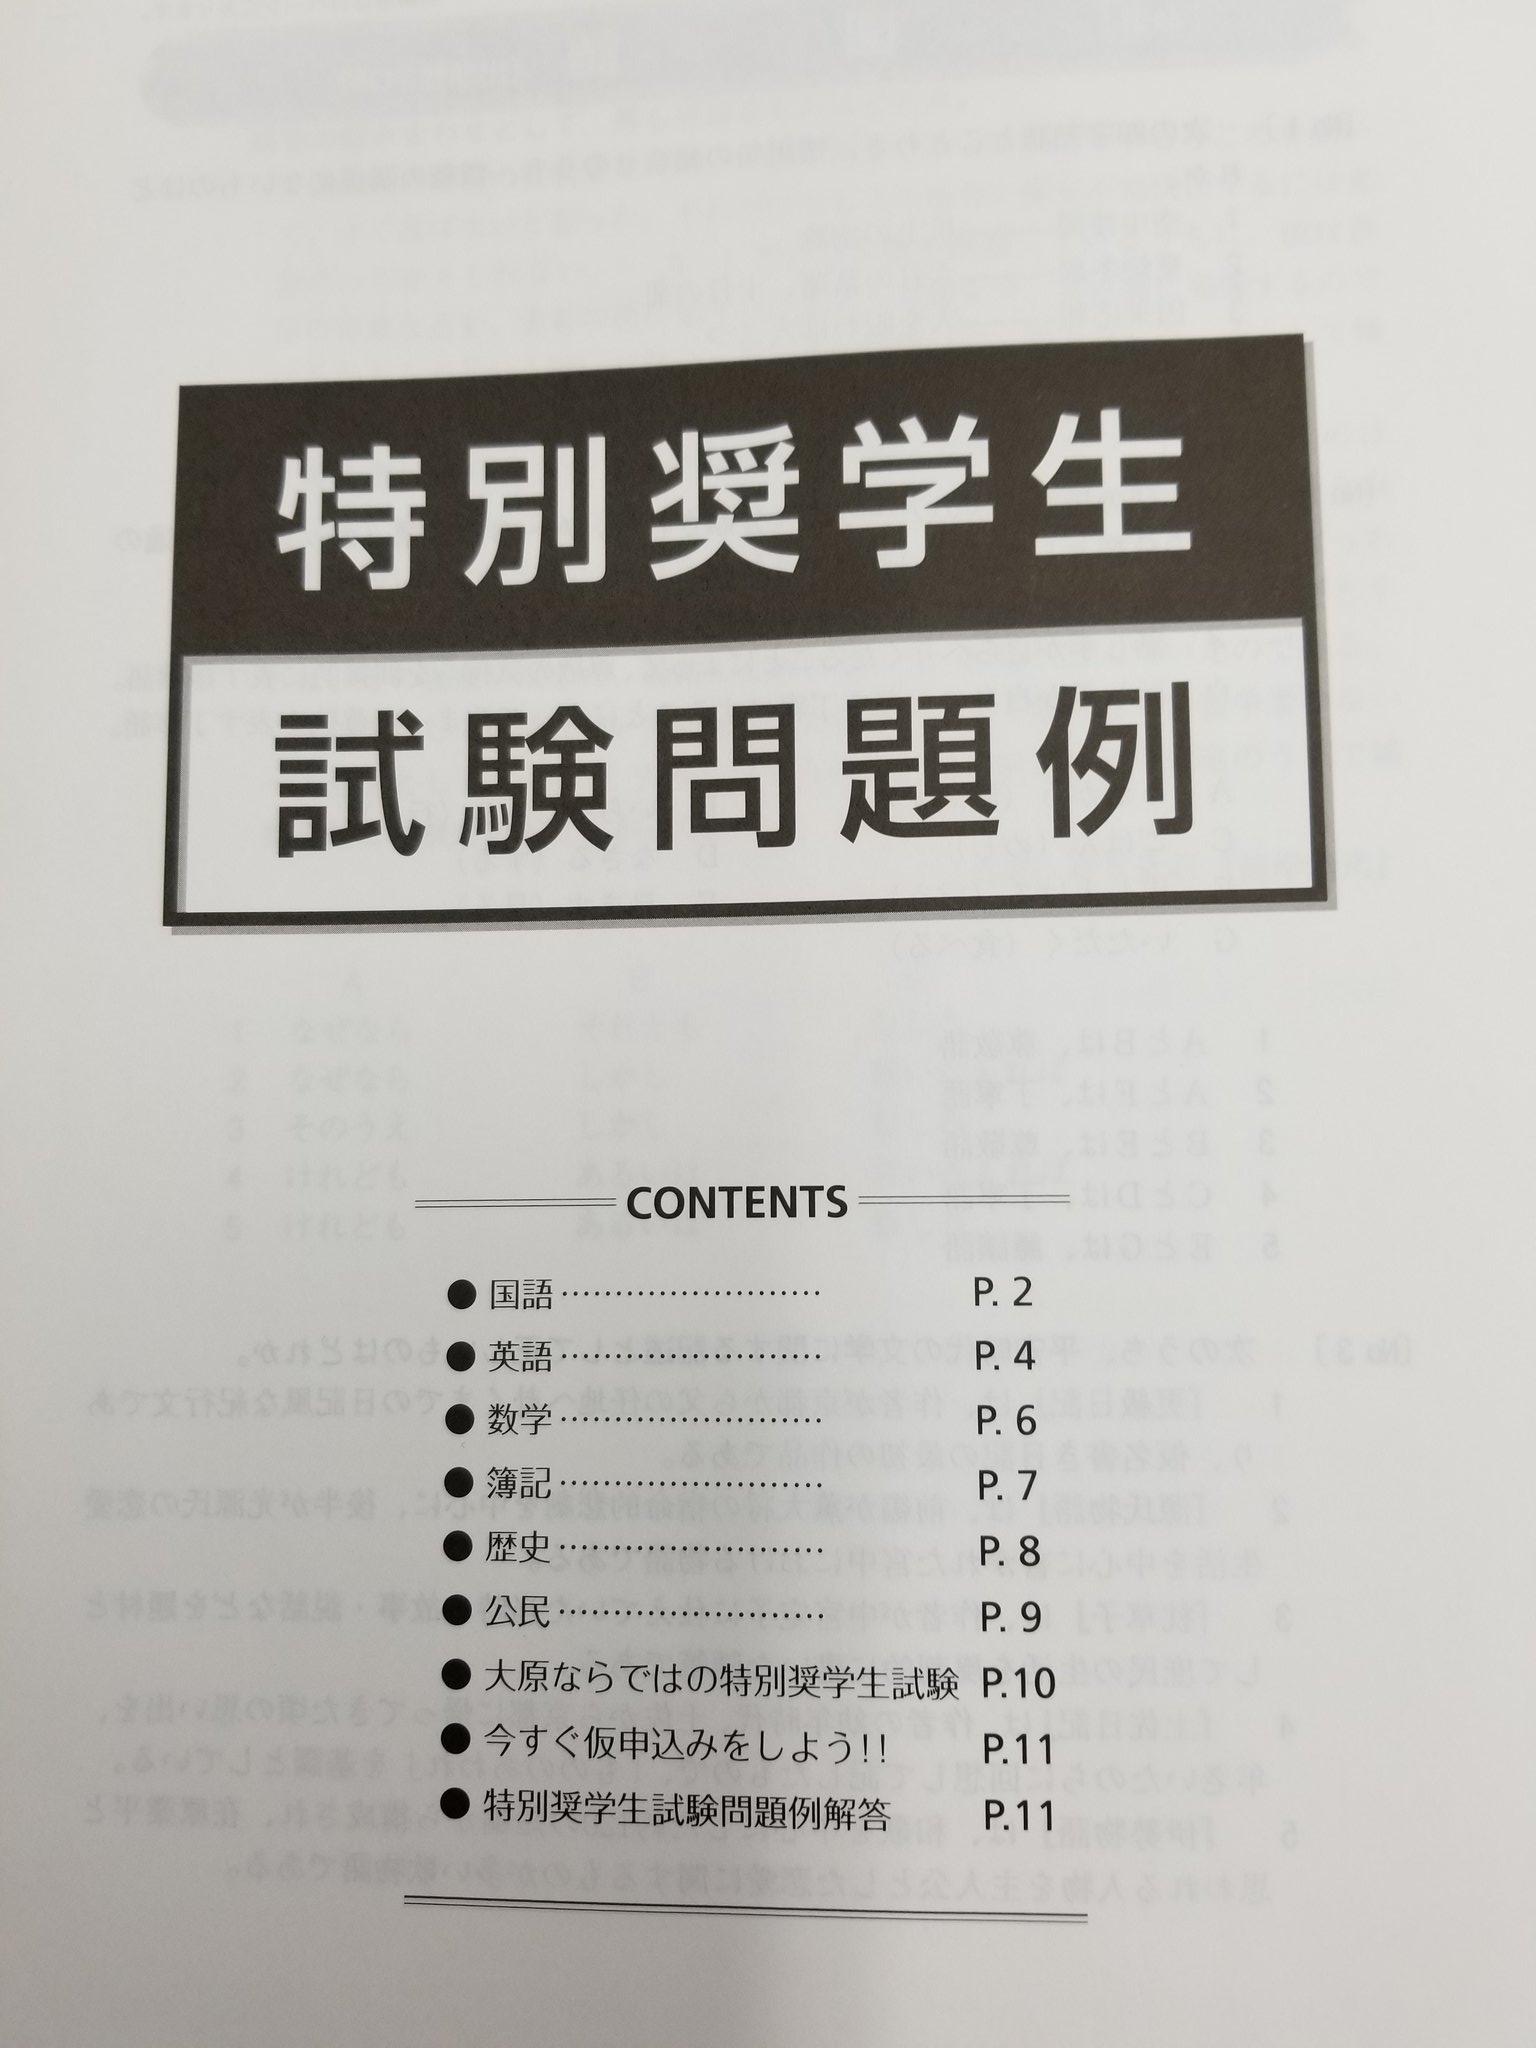 大原 専門 学校 入試